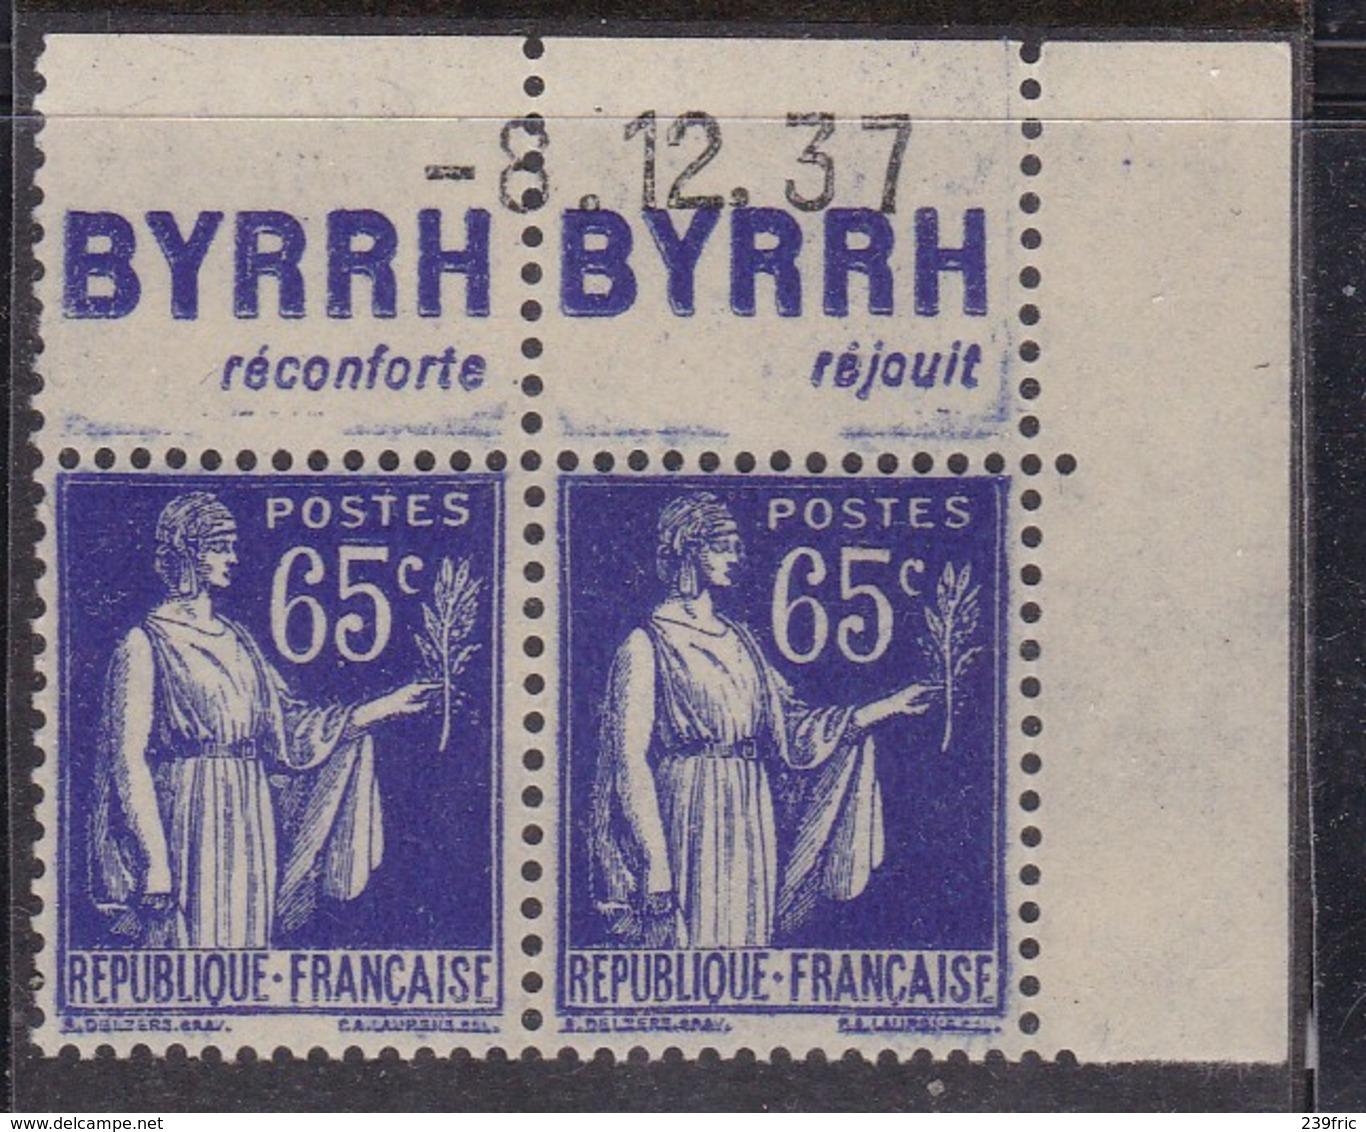 PUBLICITE: TYPE PAIX 65C BLEU PAIRE BYRRH-réconfrte Réjouit NEUF** ACCP976-977  C14E - Advertising